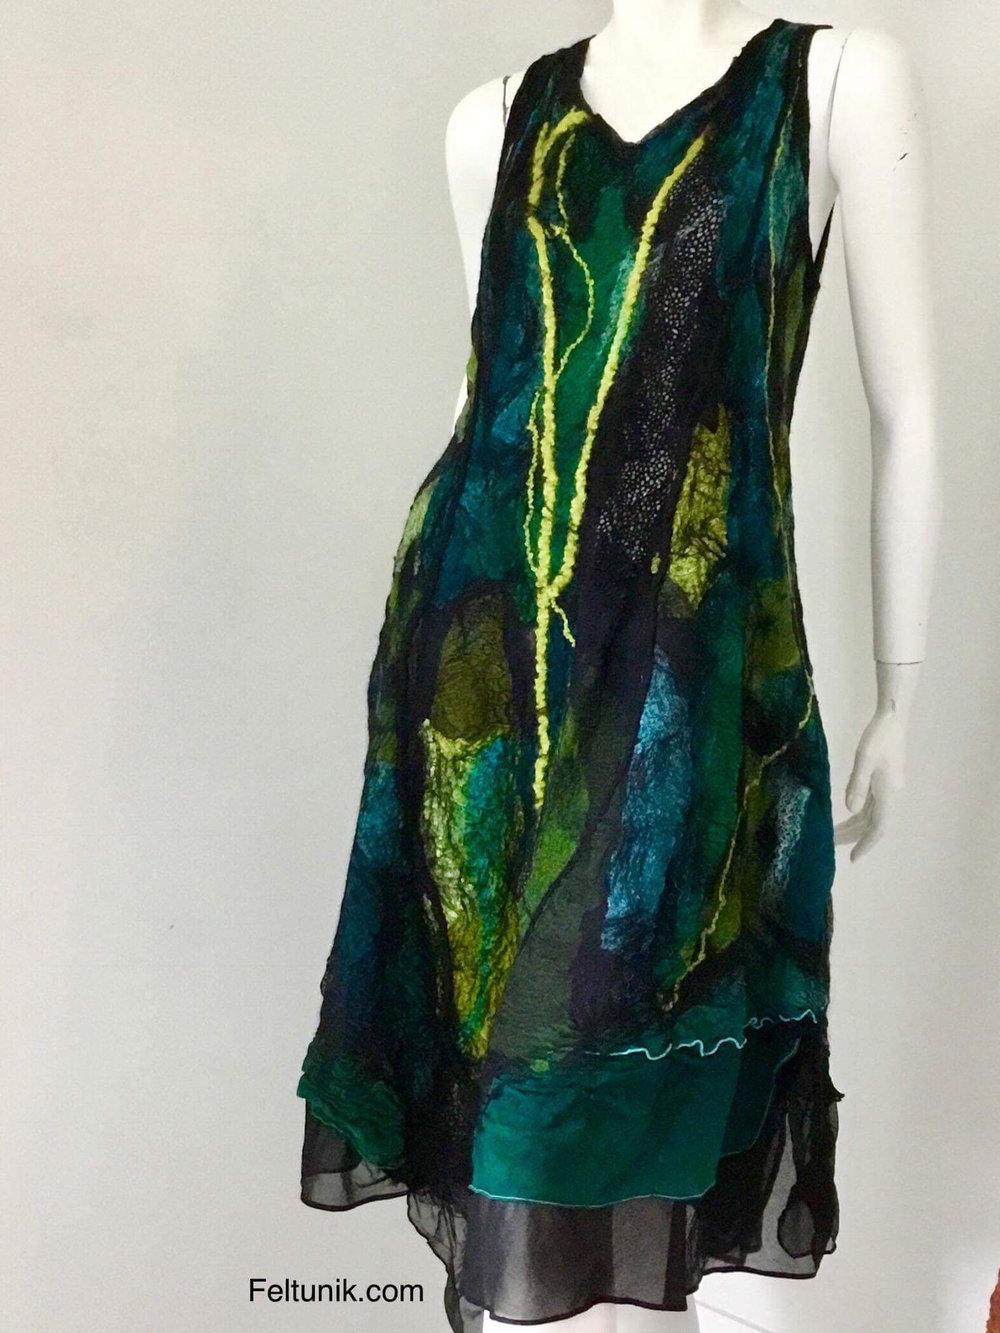 nina green dress.jpg